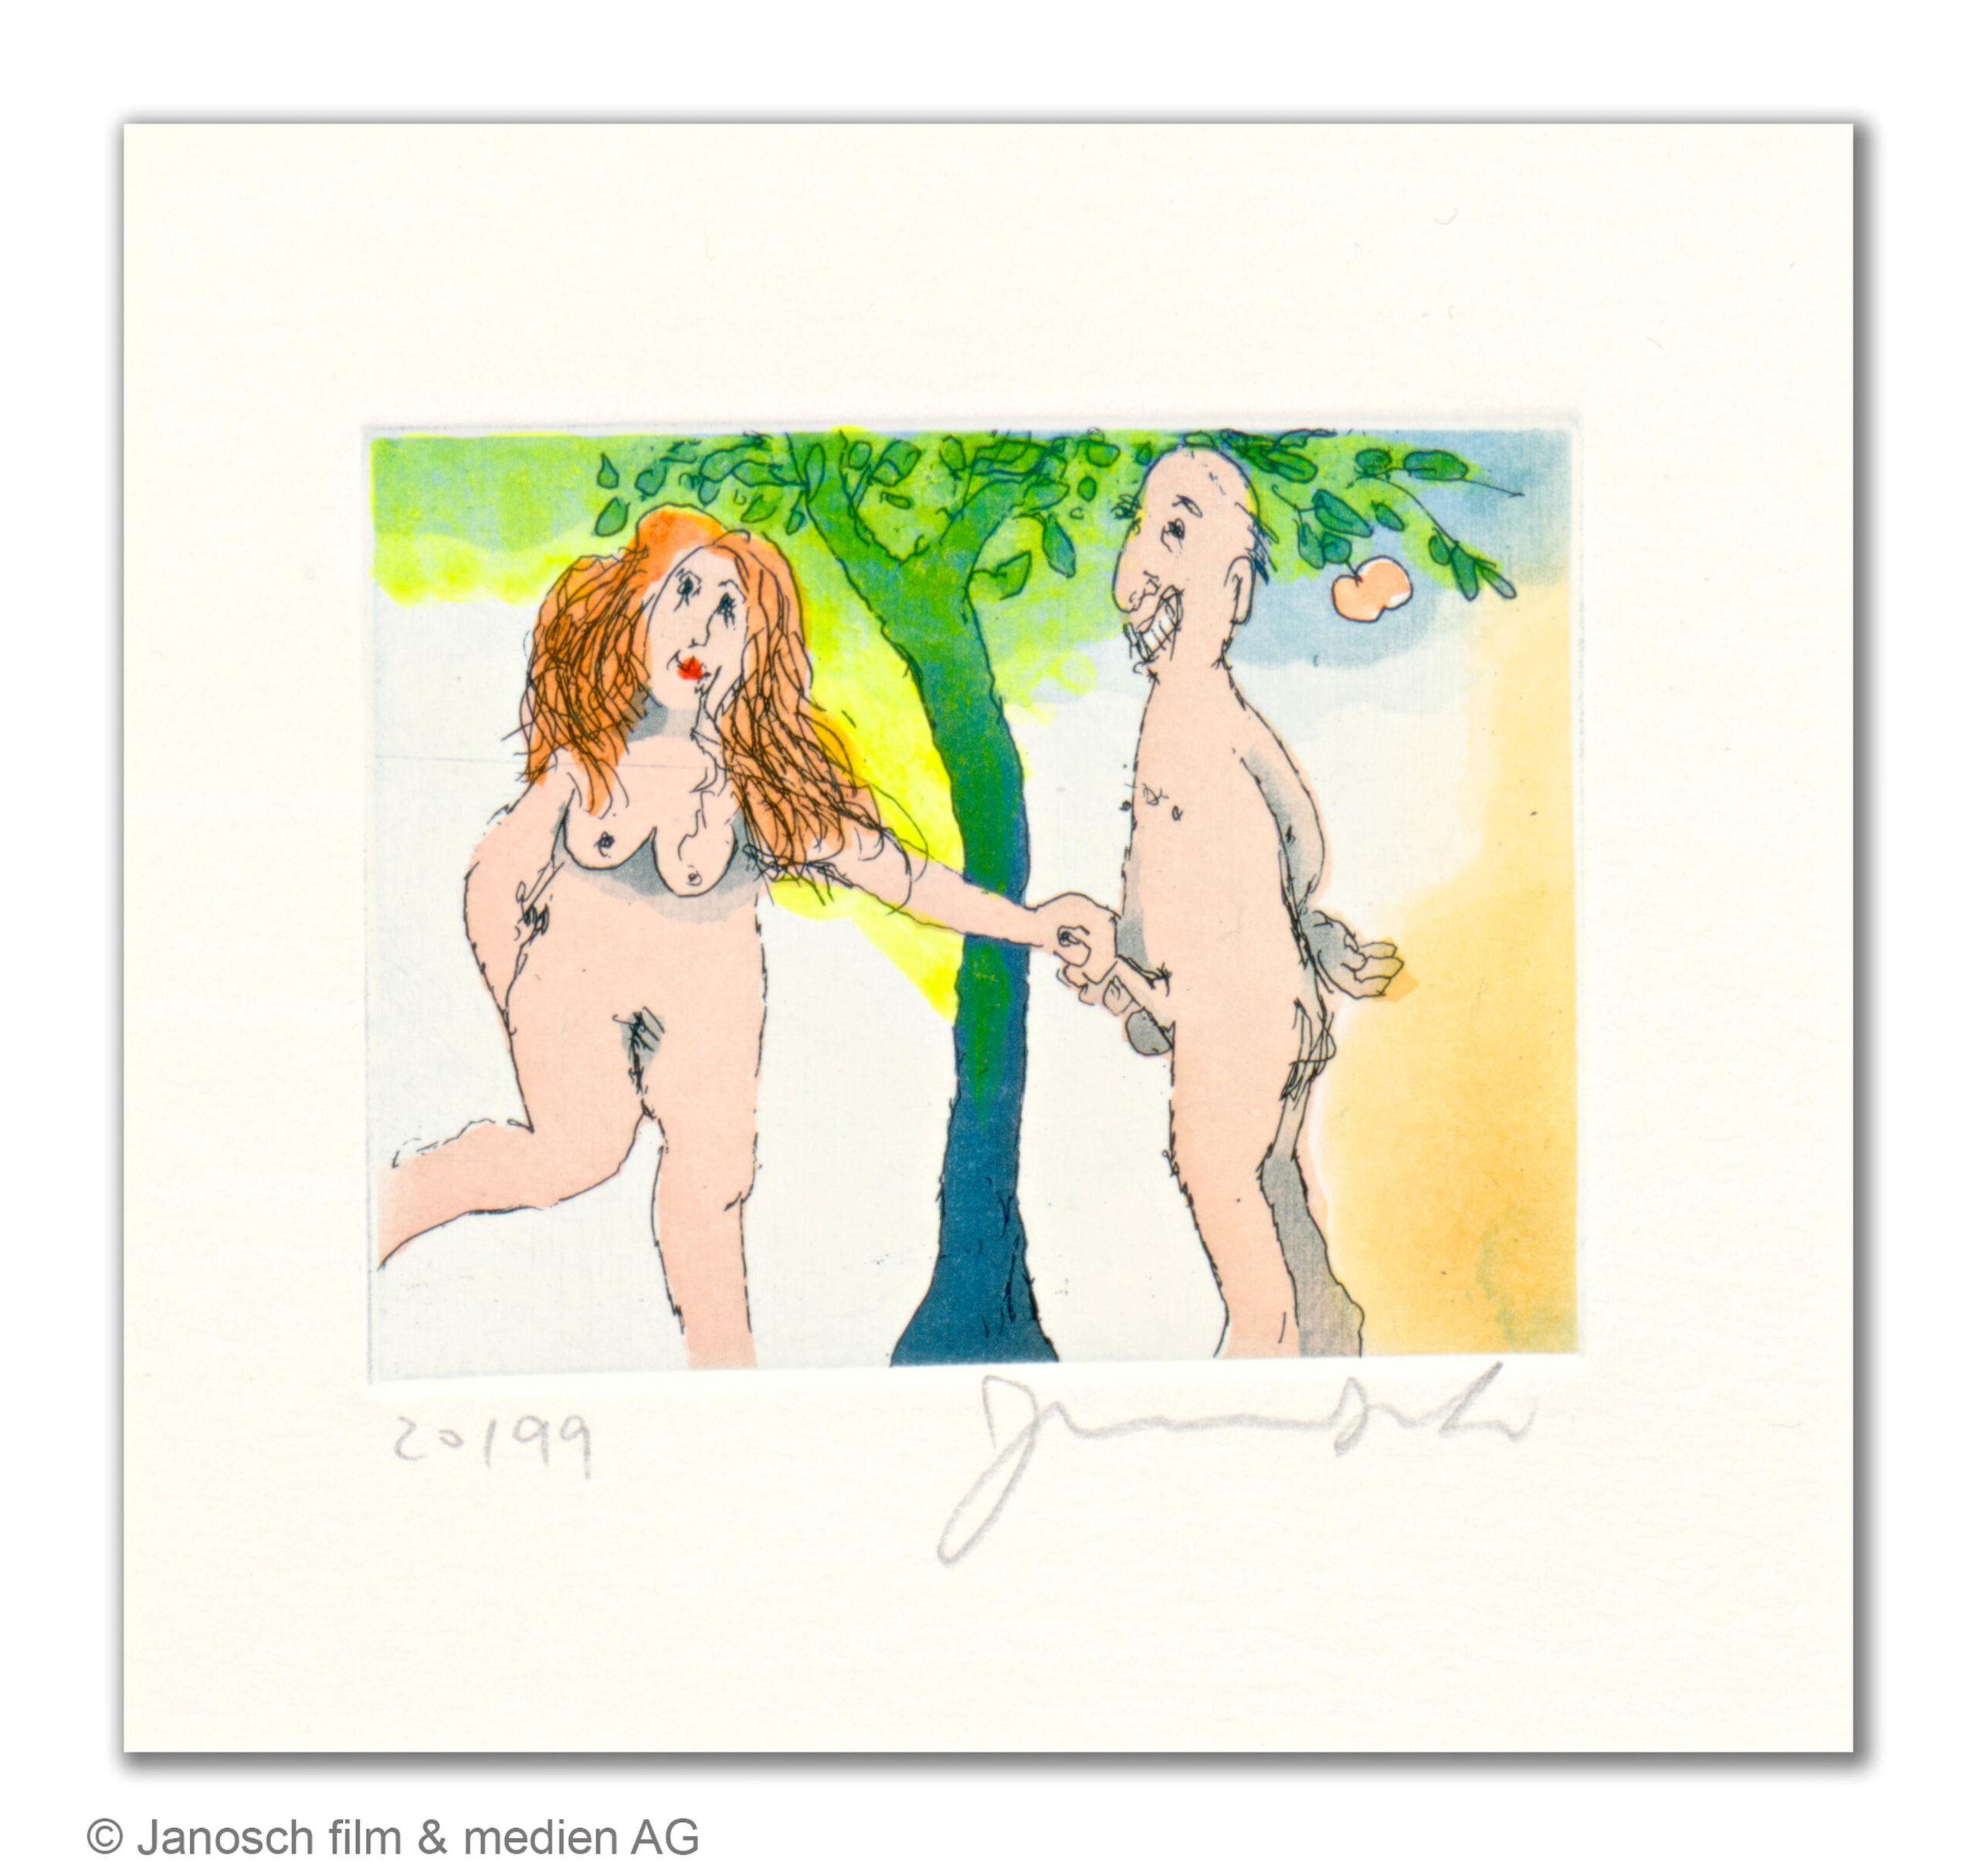 Janosch: Paradiesvogel, Farbradierung, Motiv 10 x 8 cm, 210 eur.© Janosch film & medien AG